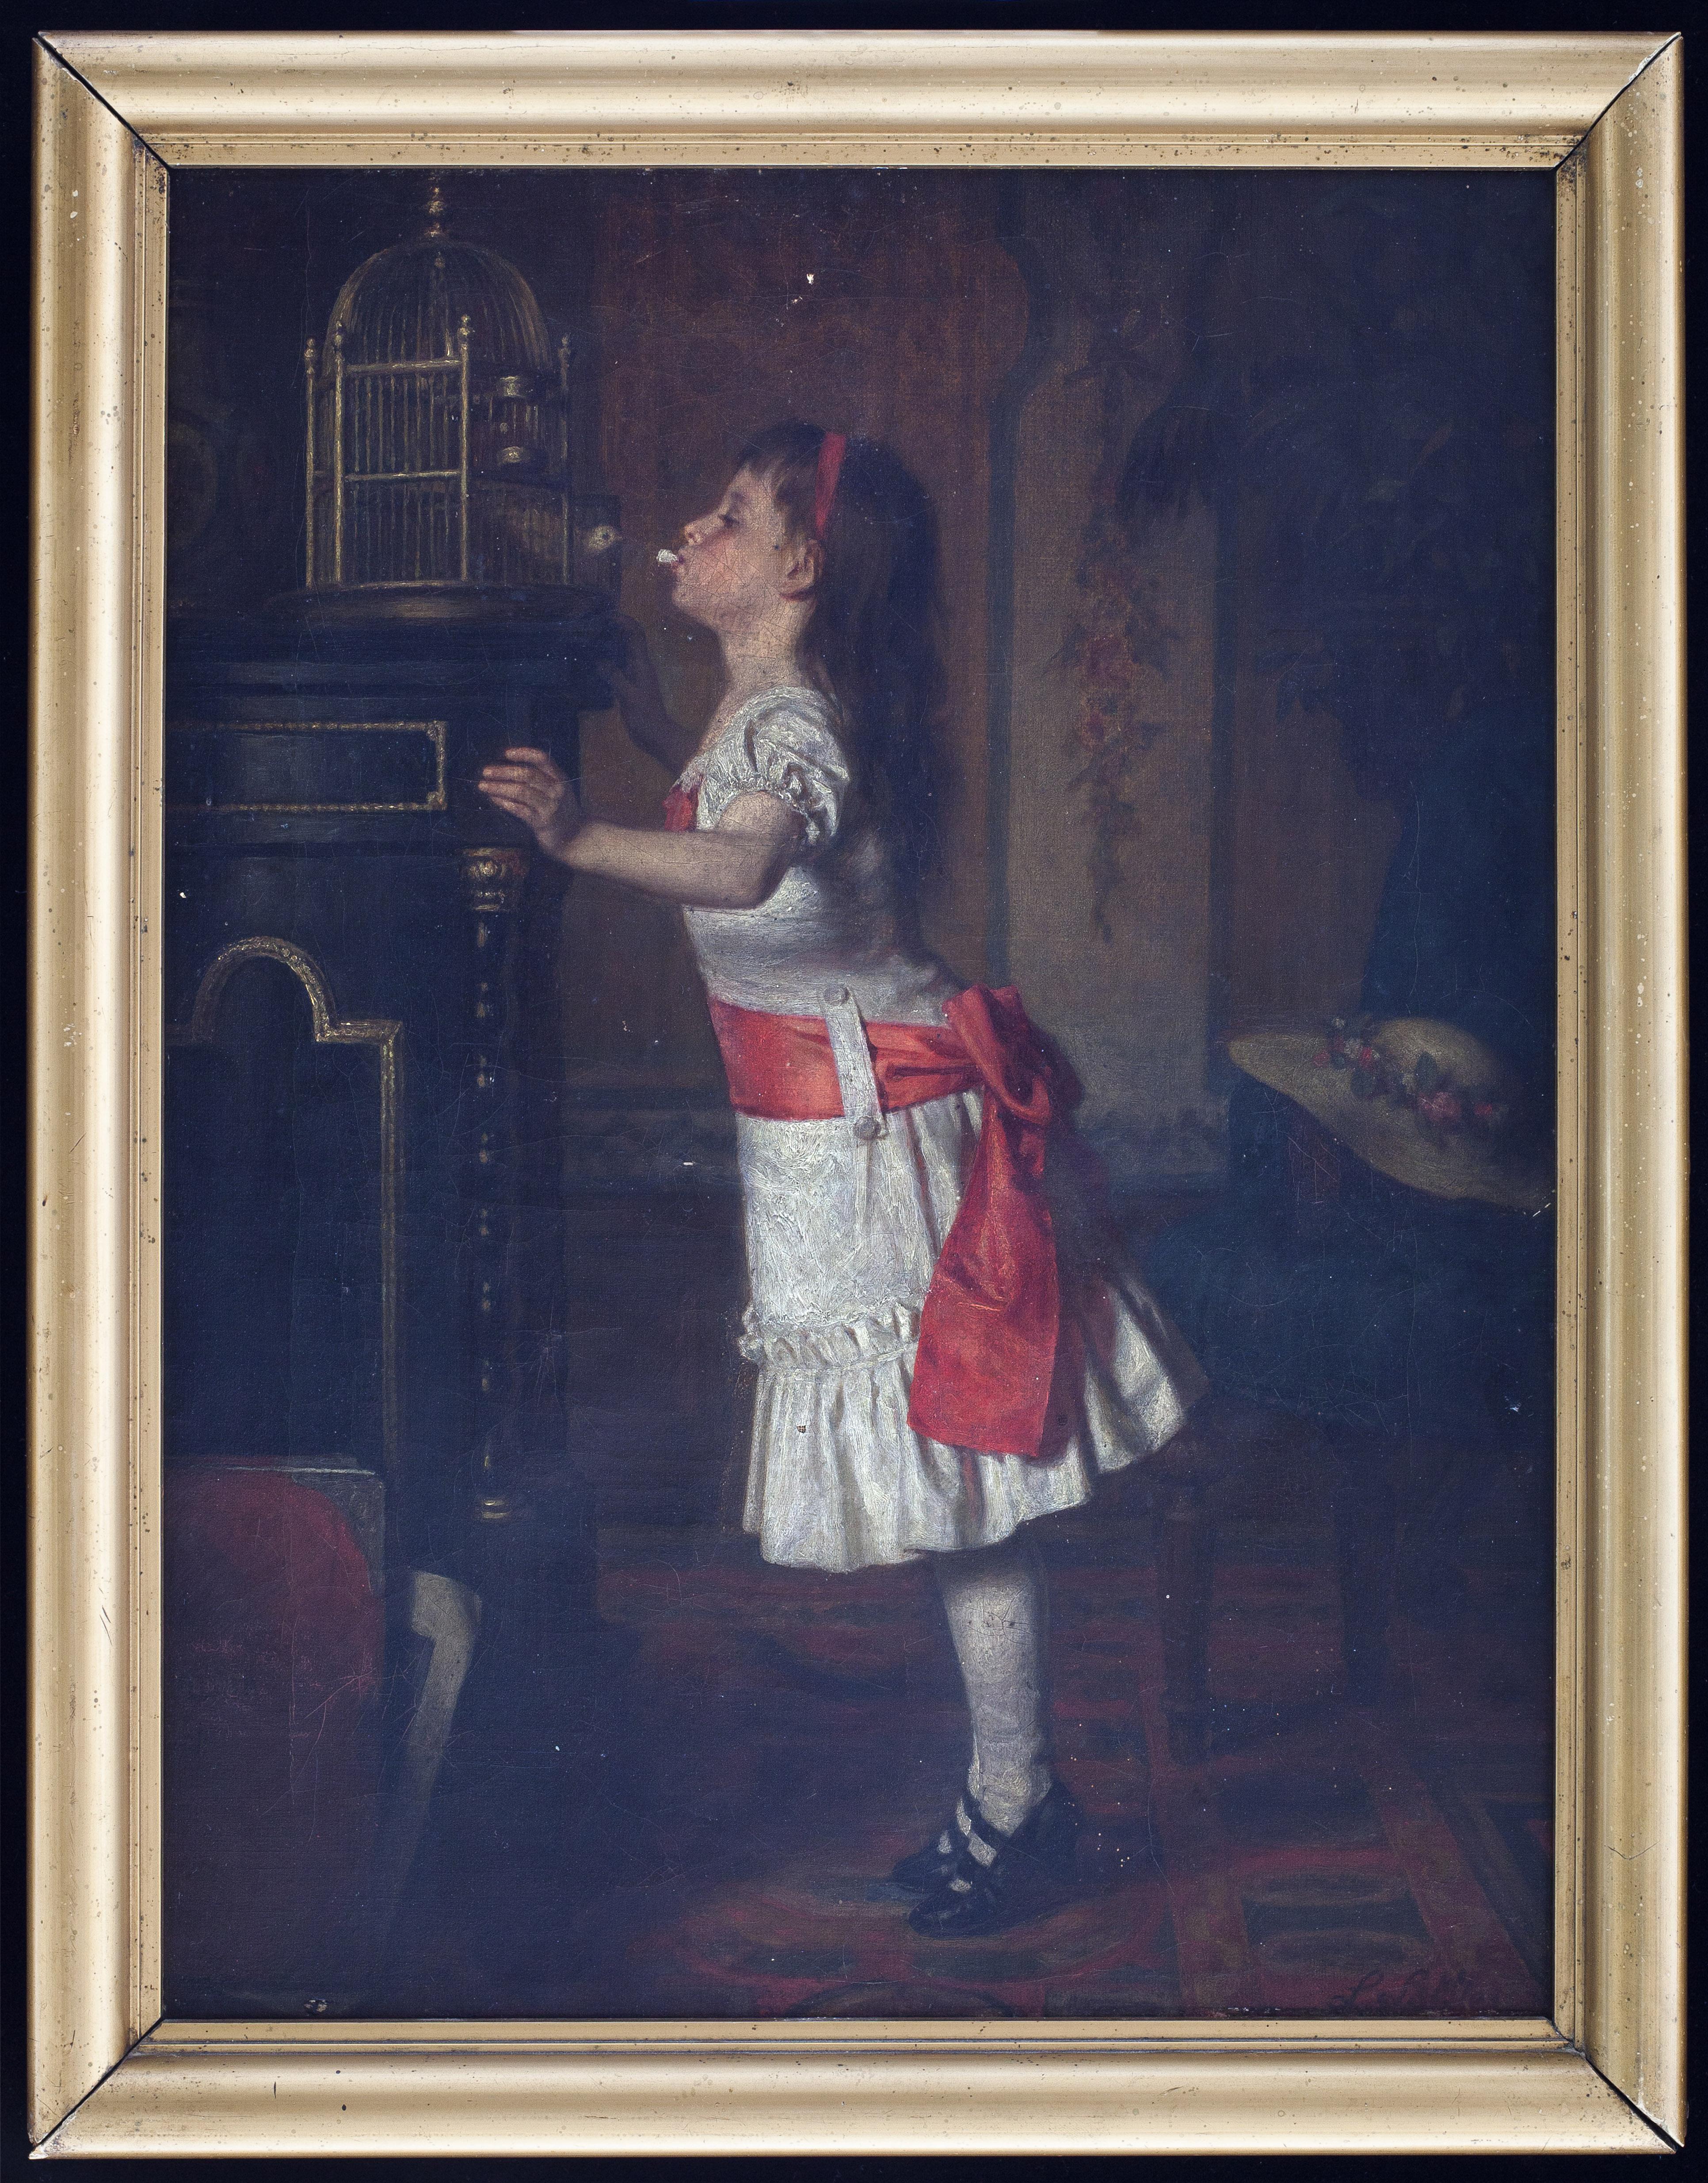 Leopold Löffler, Dziewczynka zkanarkiem